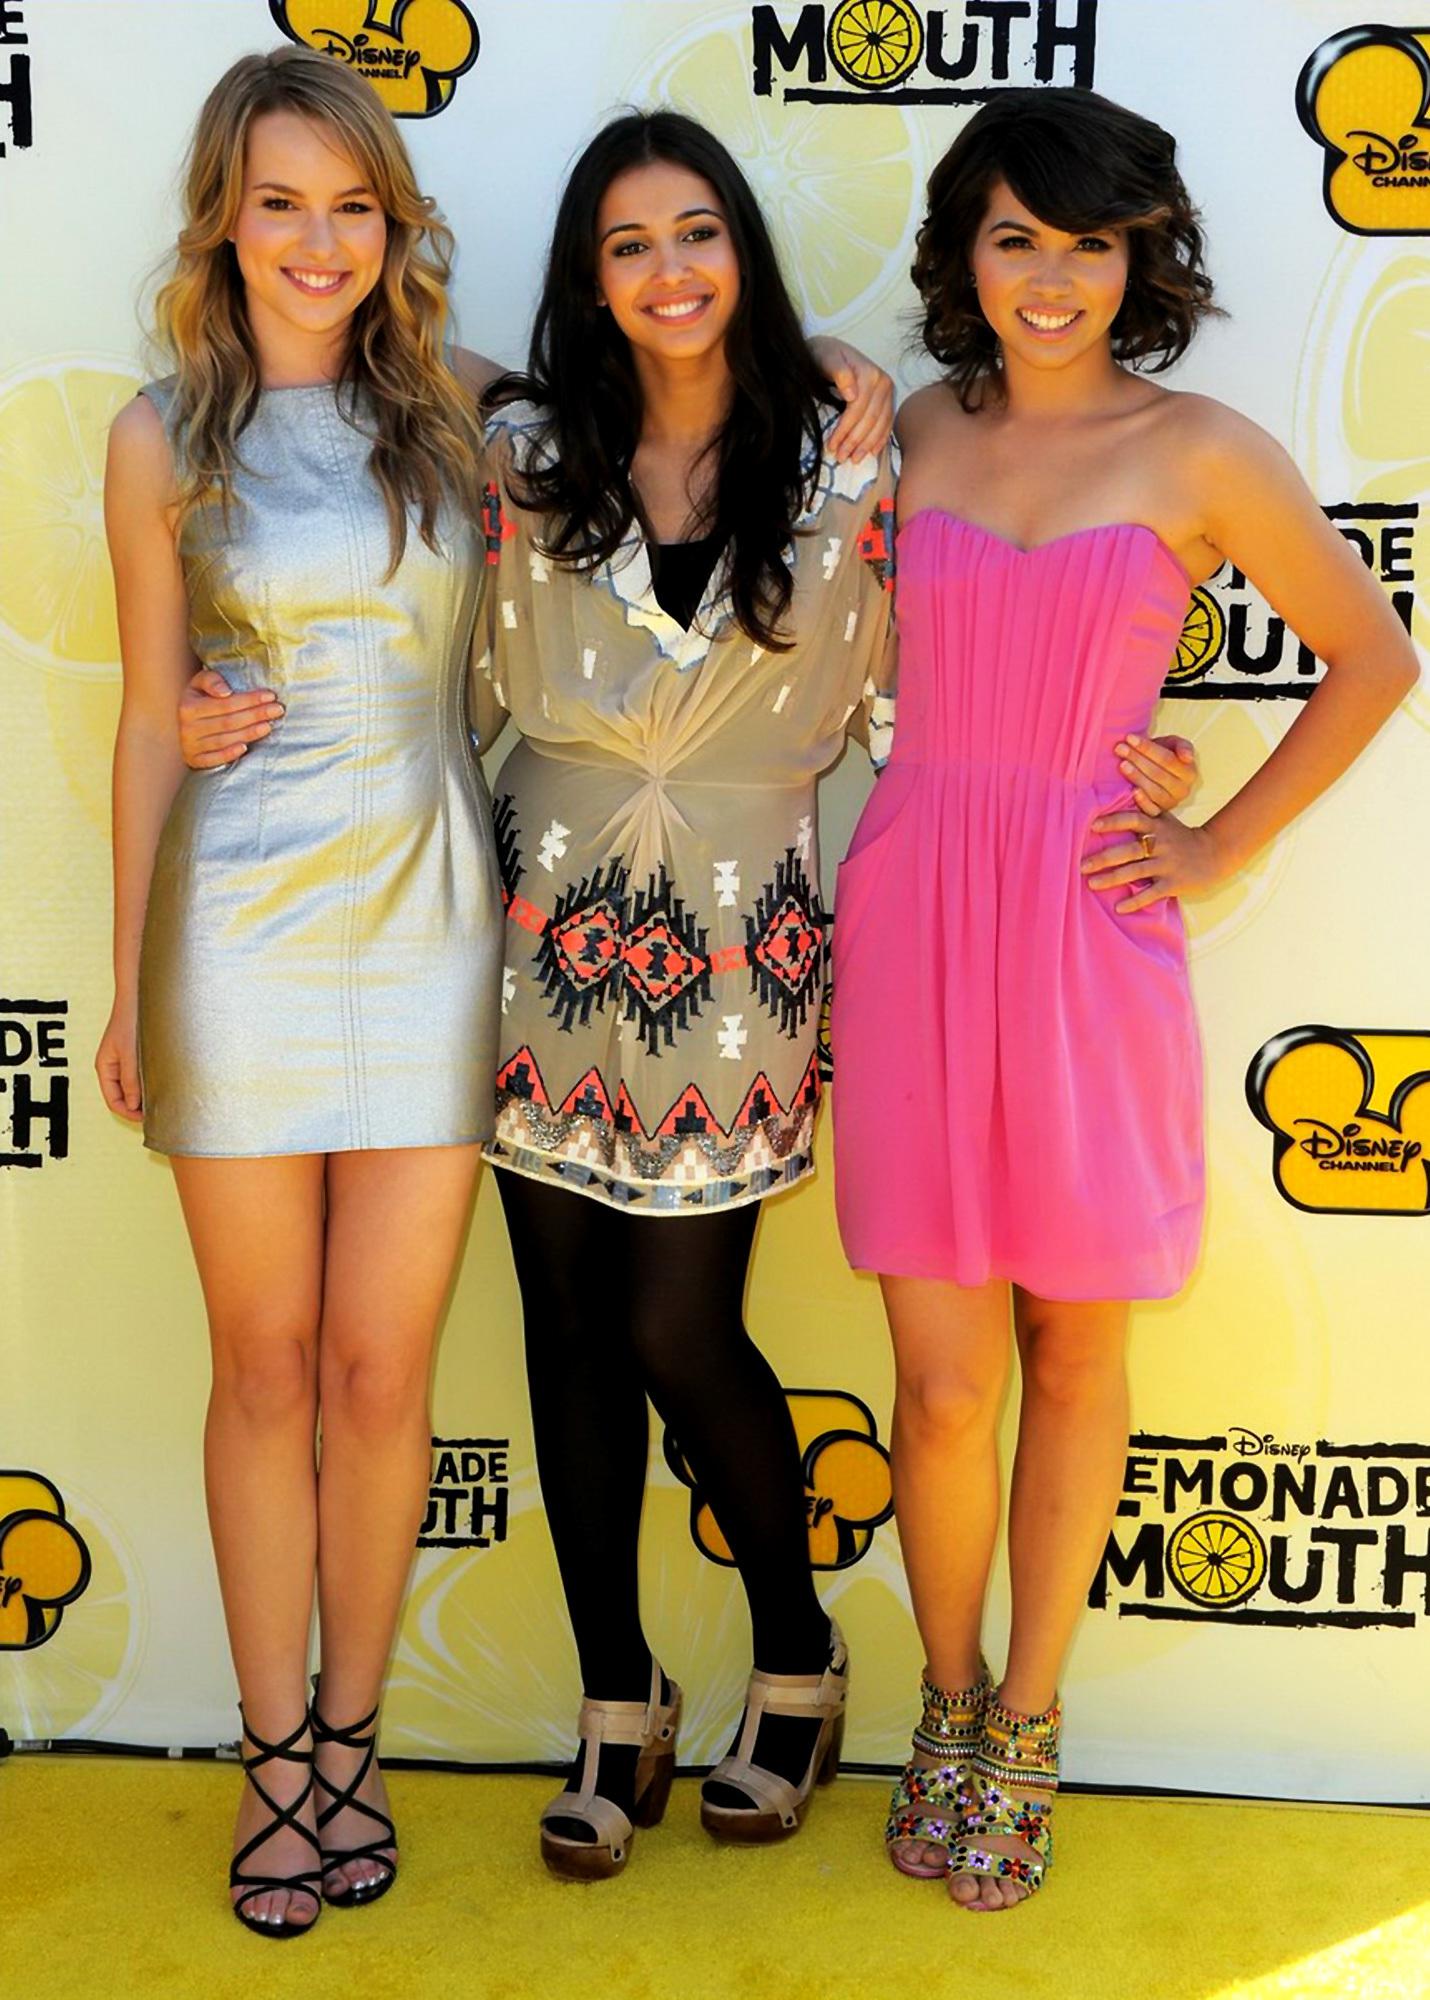 Bridgit Mendler Photos Photos - Premiere Of Disney Channel ...  |Bridgit Mendler Lemonade Mouth